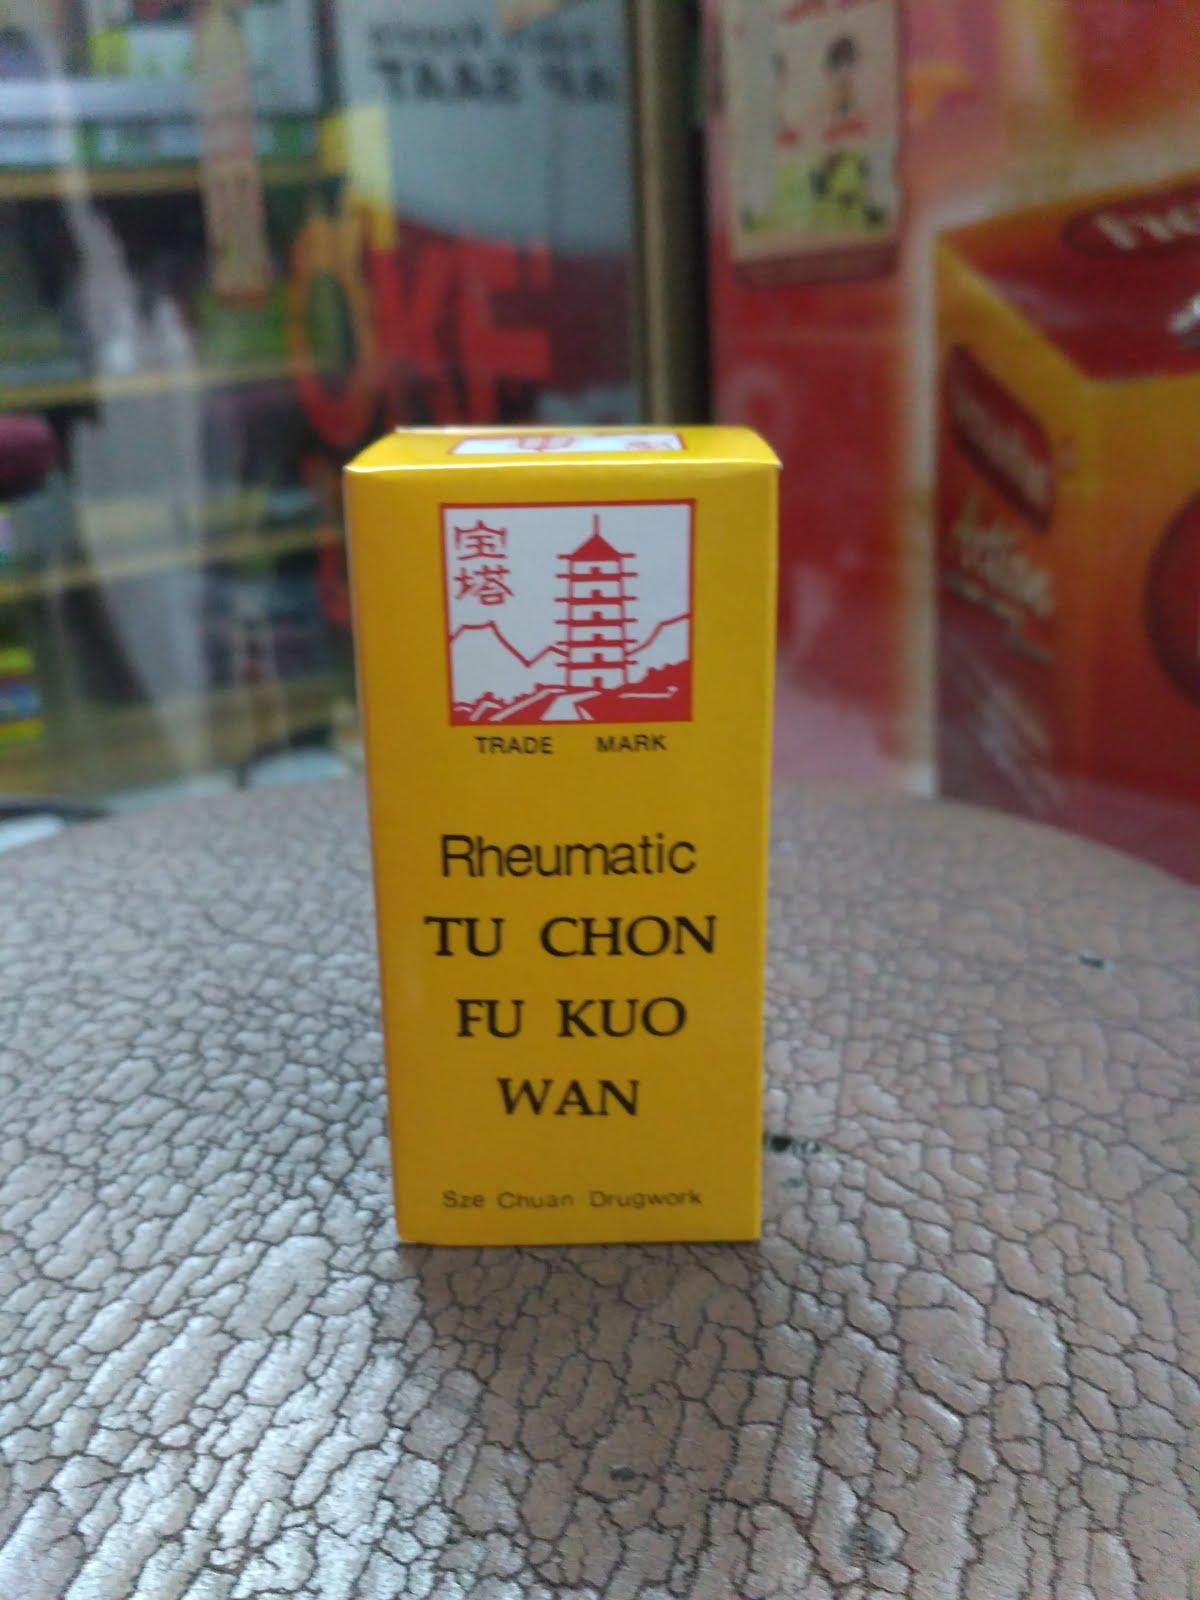 OBAT RHEUNAMATIC TU CHON FU KUO WAN